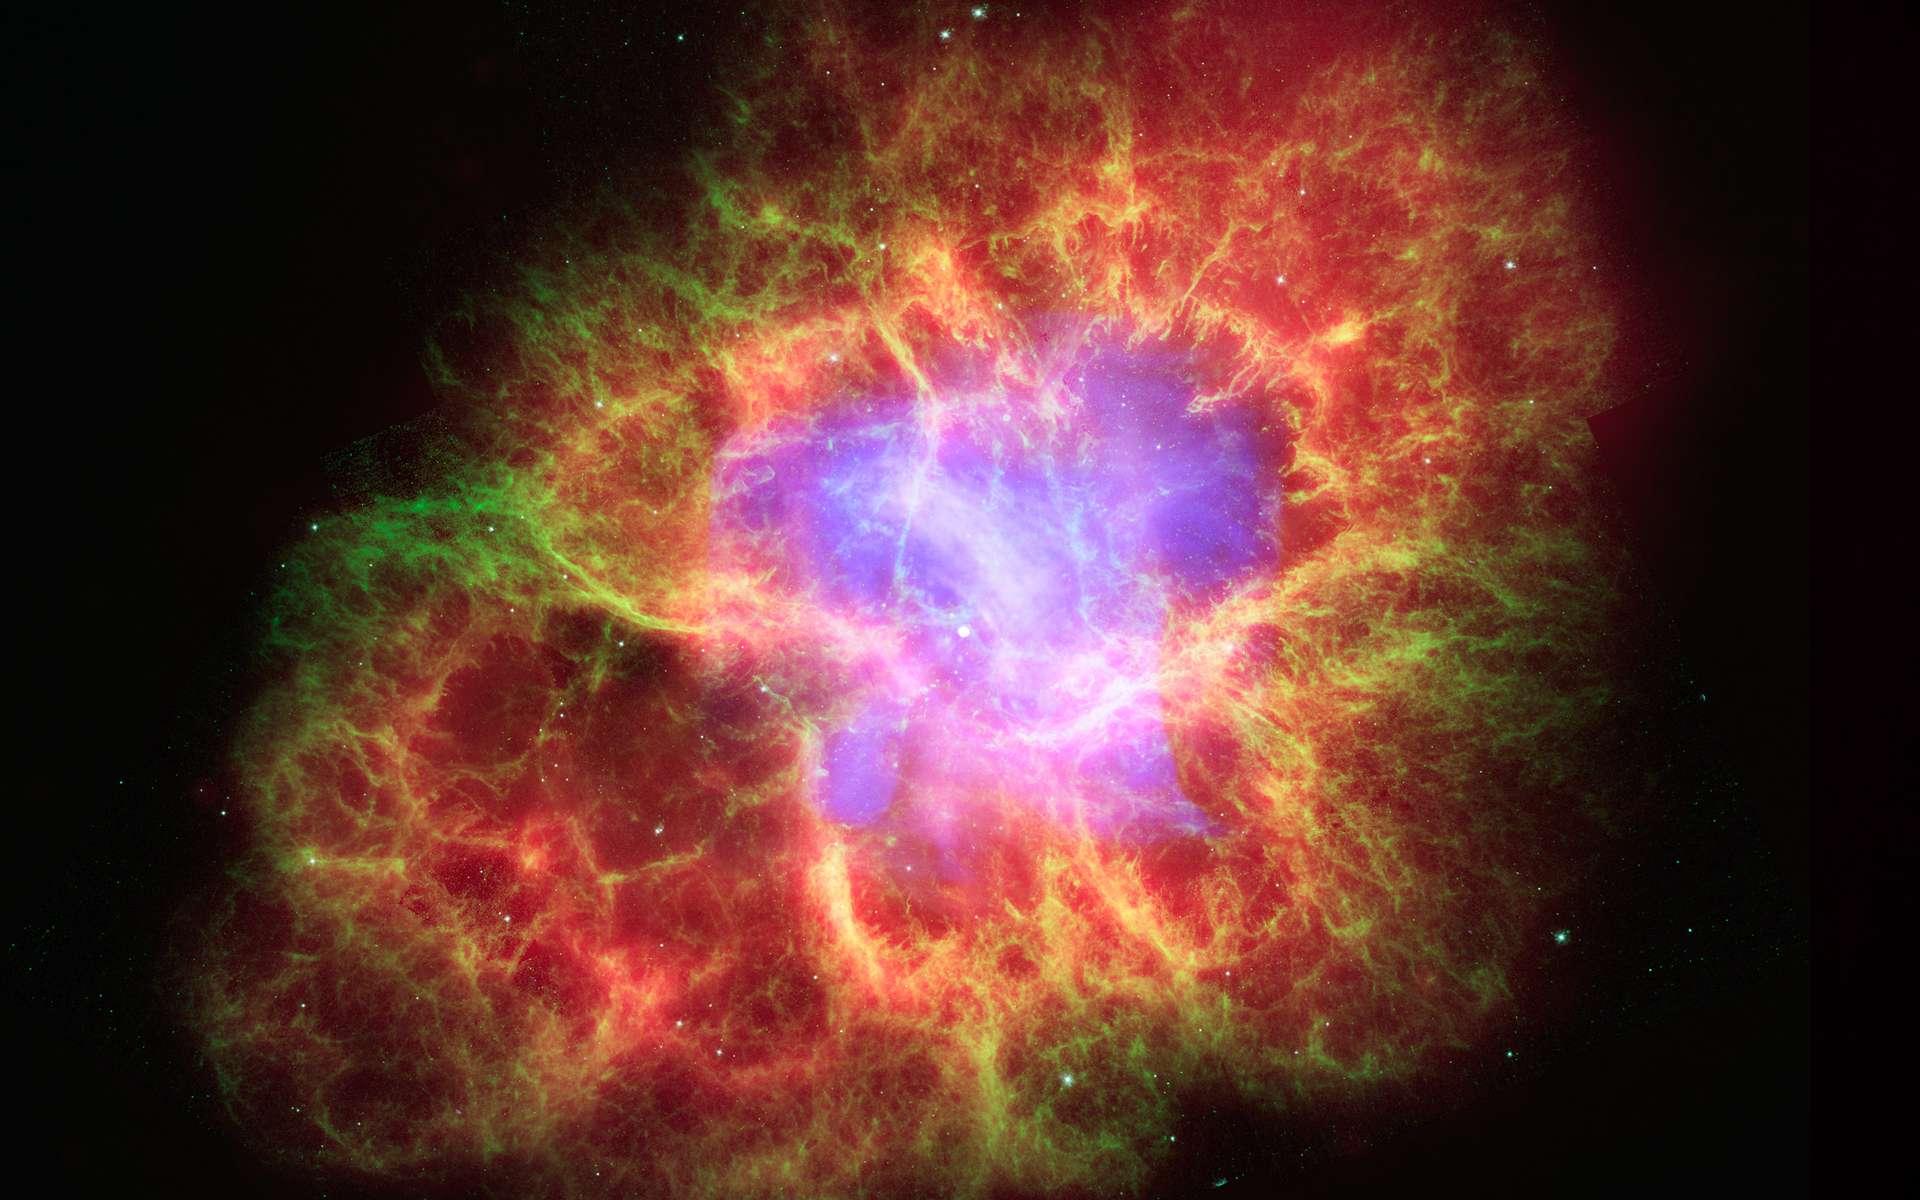 Lorsqu'une étoile explose en supernova, elle libère des éléments chimiques et les diffuse dans le milieu interstellaire. Ici, la nébuleuse du Crabe (dans la constellation du Taureau), un célèbre rémanent de supernova. © Rayons X : Nasa/CXC/J. Hester (ASU) ; Optique : Nasa/Esa/J. Hester et A. Loll (ASU) ; Infrarouge : Nasa/JPL-Caltech/R. Gehrz (Univ. Minn.), Wikimedia Commons, DP